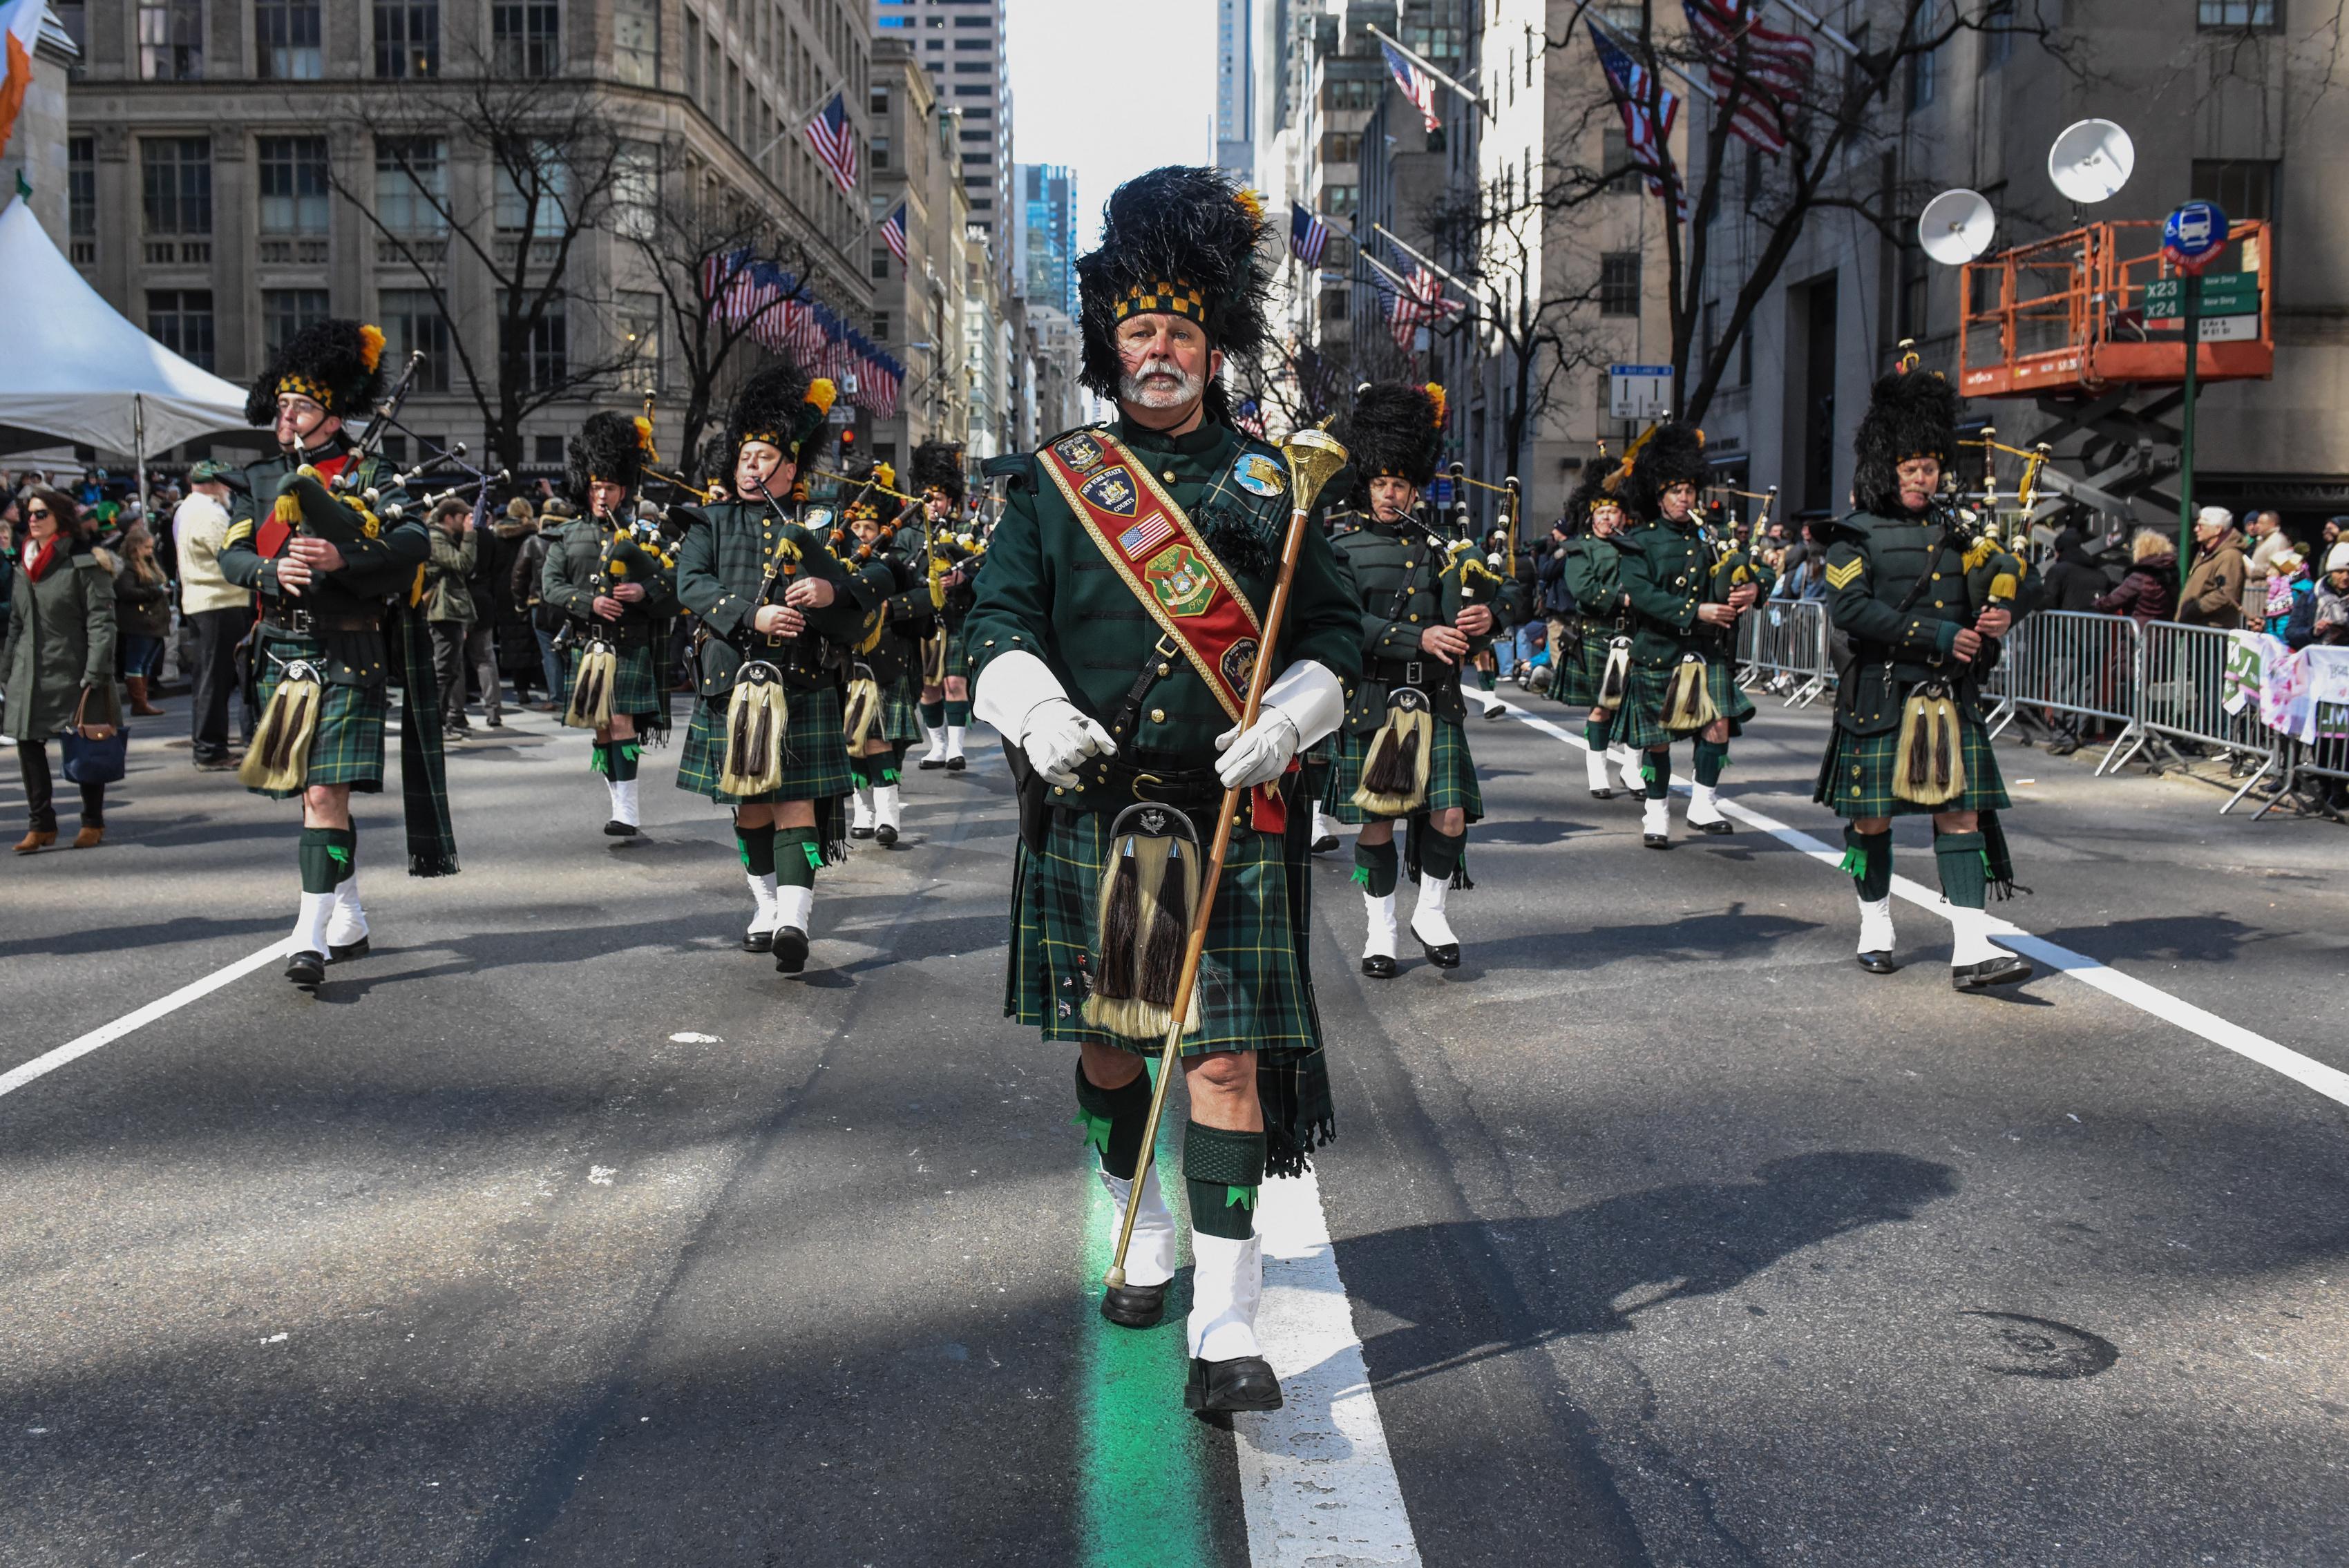 Una banda de música participa en el desfile anual del Día de San Patricio a lo largo de la Quinta Avenida el 17 de marzo de 2018 en la Ciudad de Nueva York.